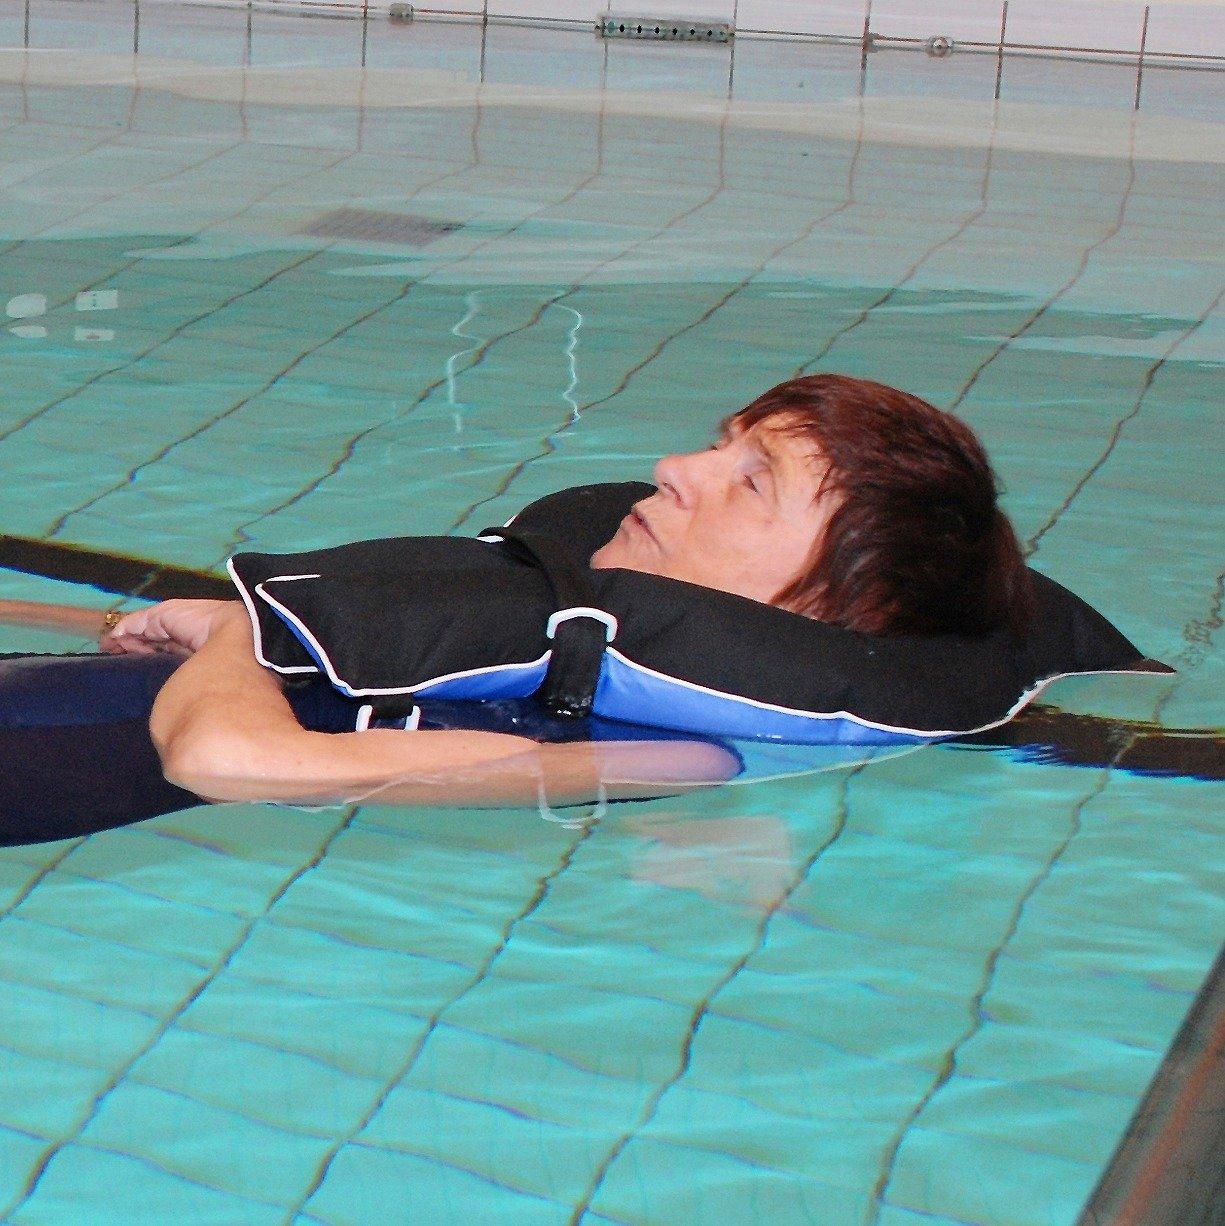 Sport-Thieme Therapie-Halsschwimmkragen S, 55×33 cm, Halsweite 26 cm online kaufen